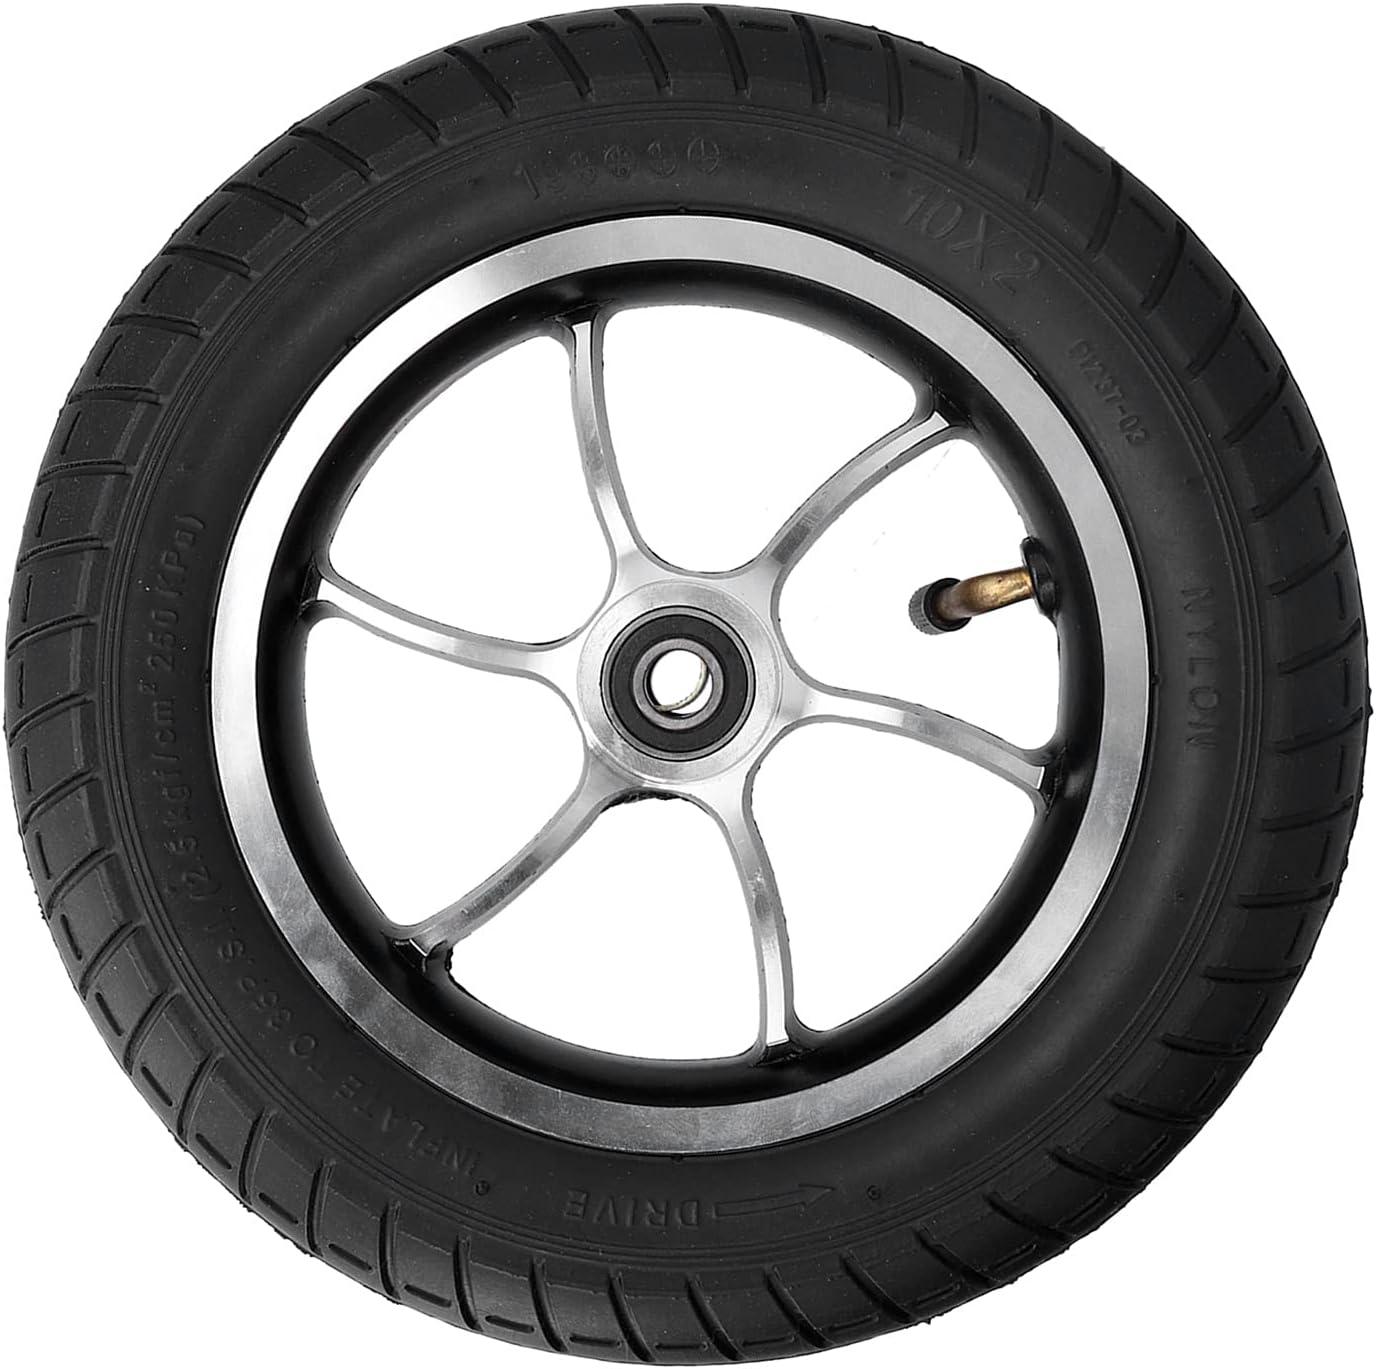 Wheelchair Rear Wheel,Wheelchair Rear Wheel Rubber Aluminum Allo